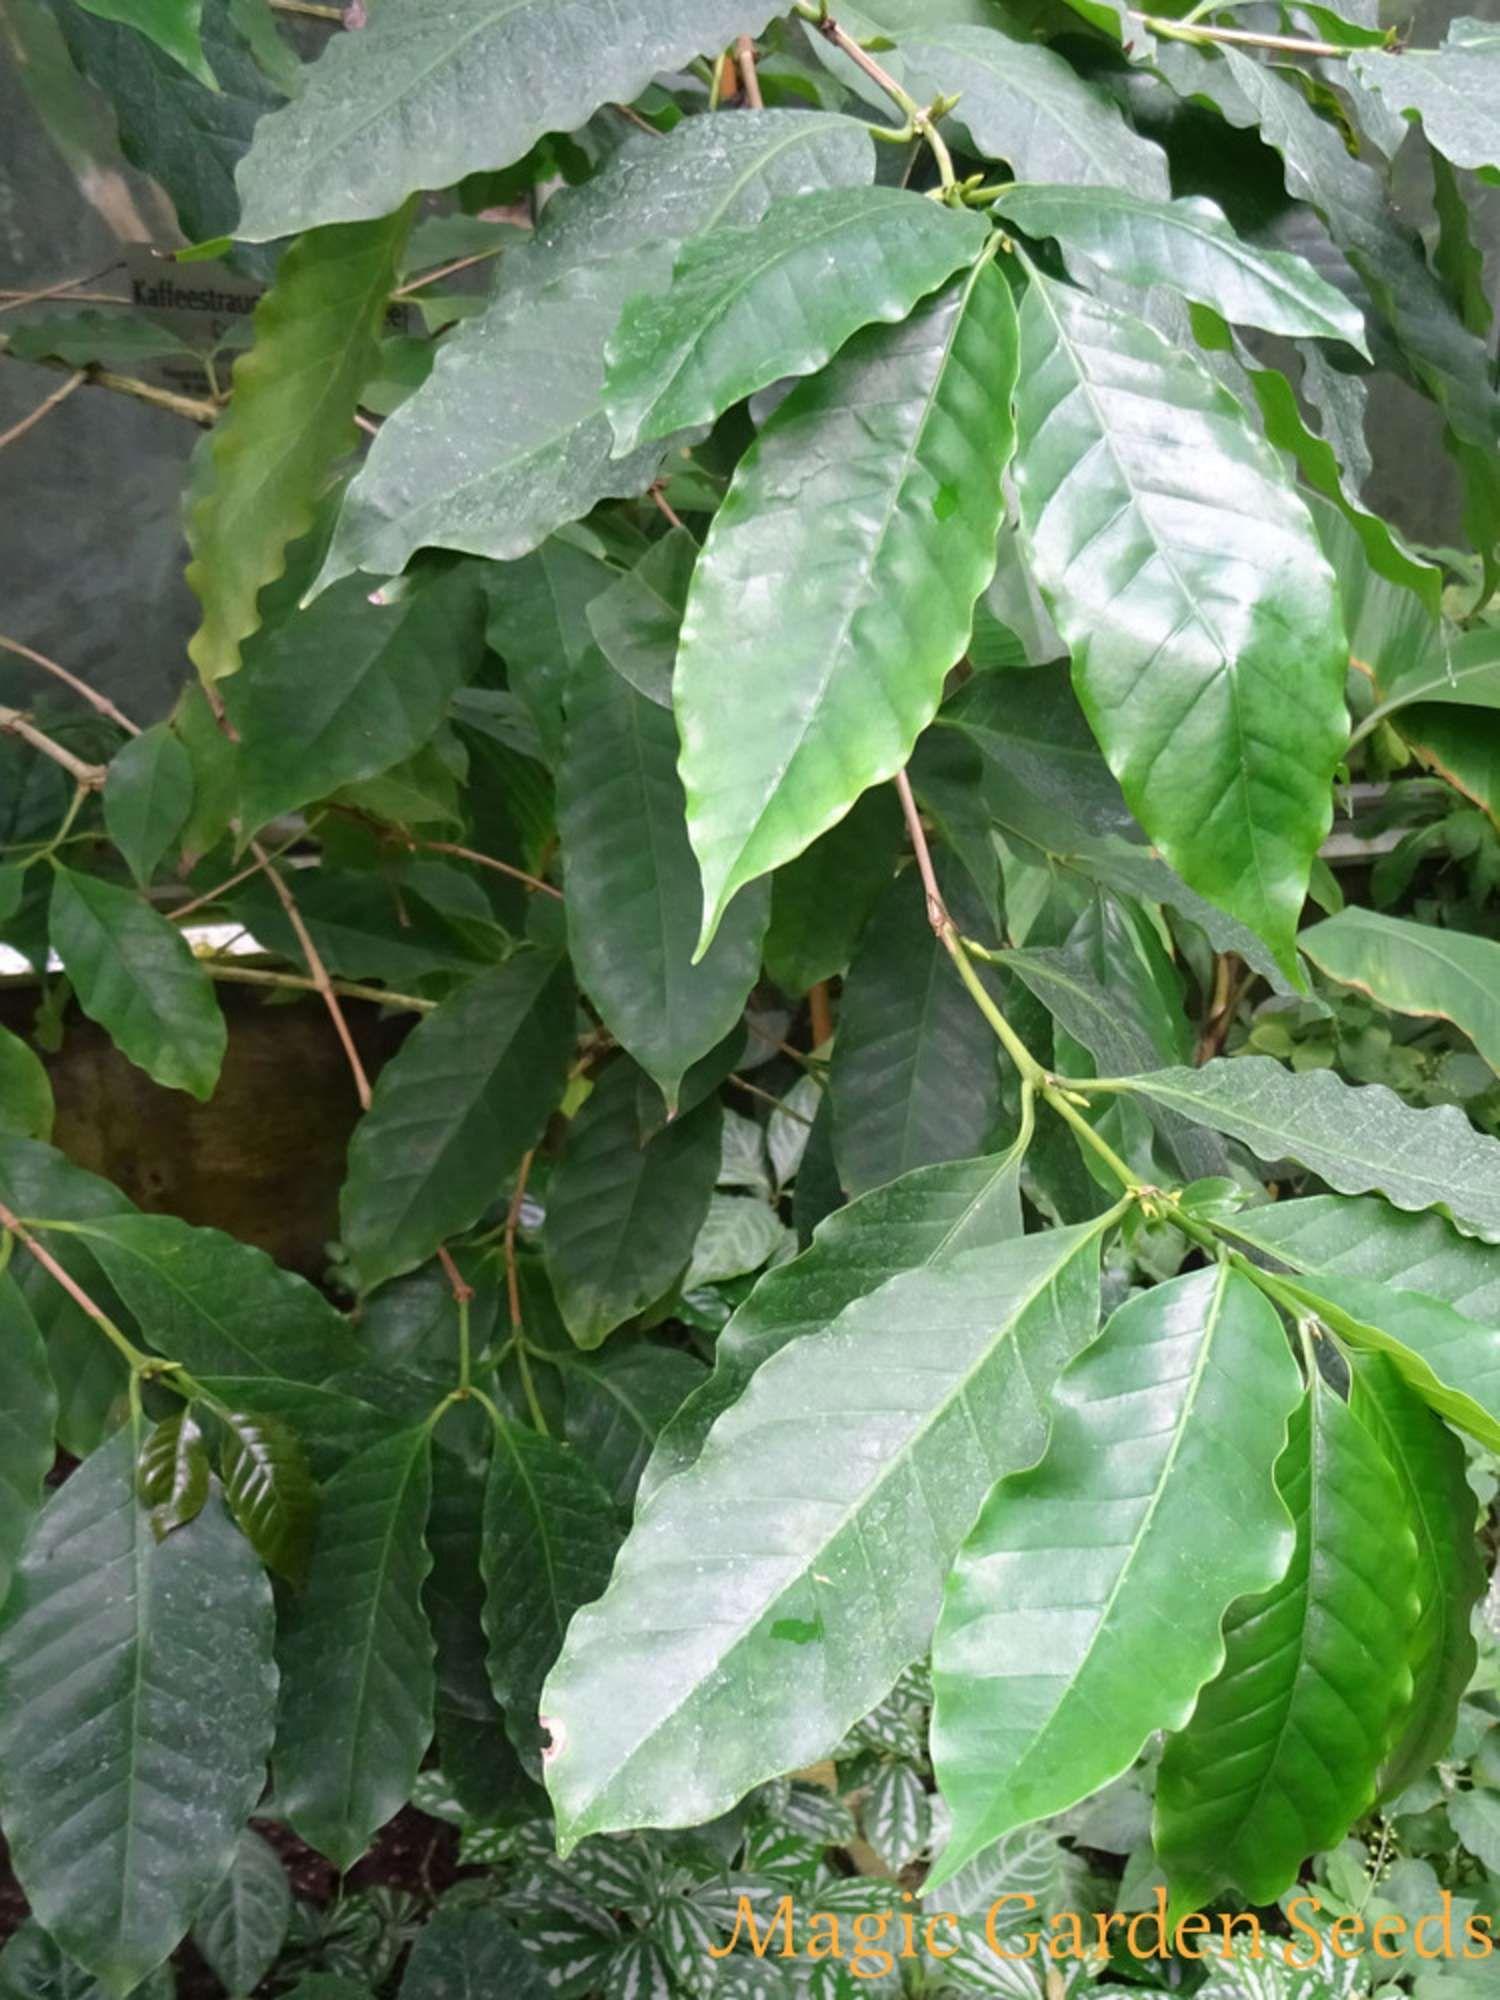 Robusta Tiefland-Kaffee (Coffea canephora) ist die kommerziell ...